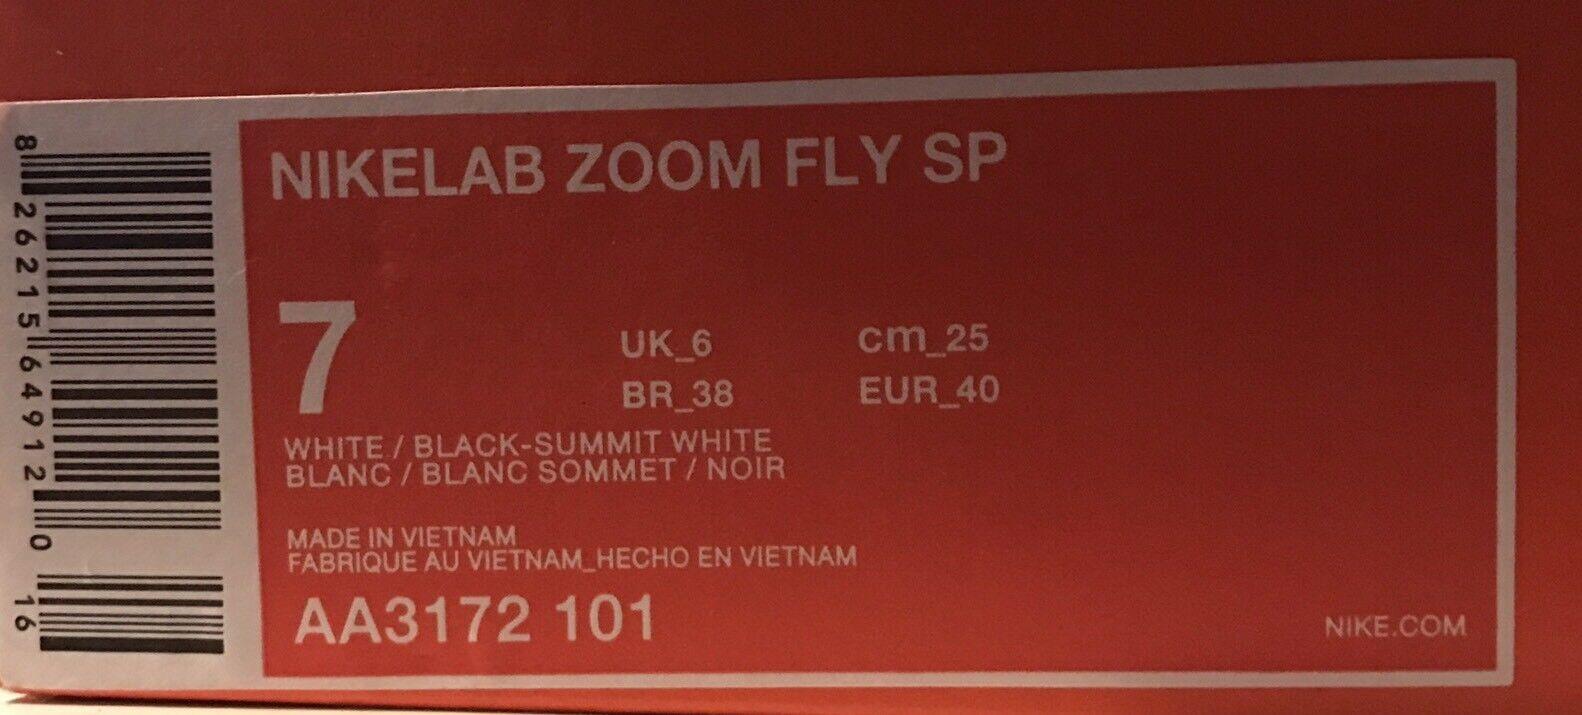 NIKE LAB ZOOM ZOOM ZOOM FLY SP US 7 - UK 6 - EUR 40 05c0b0